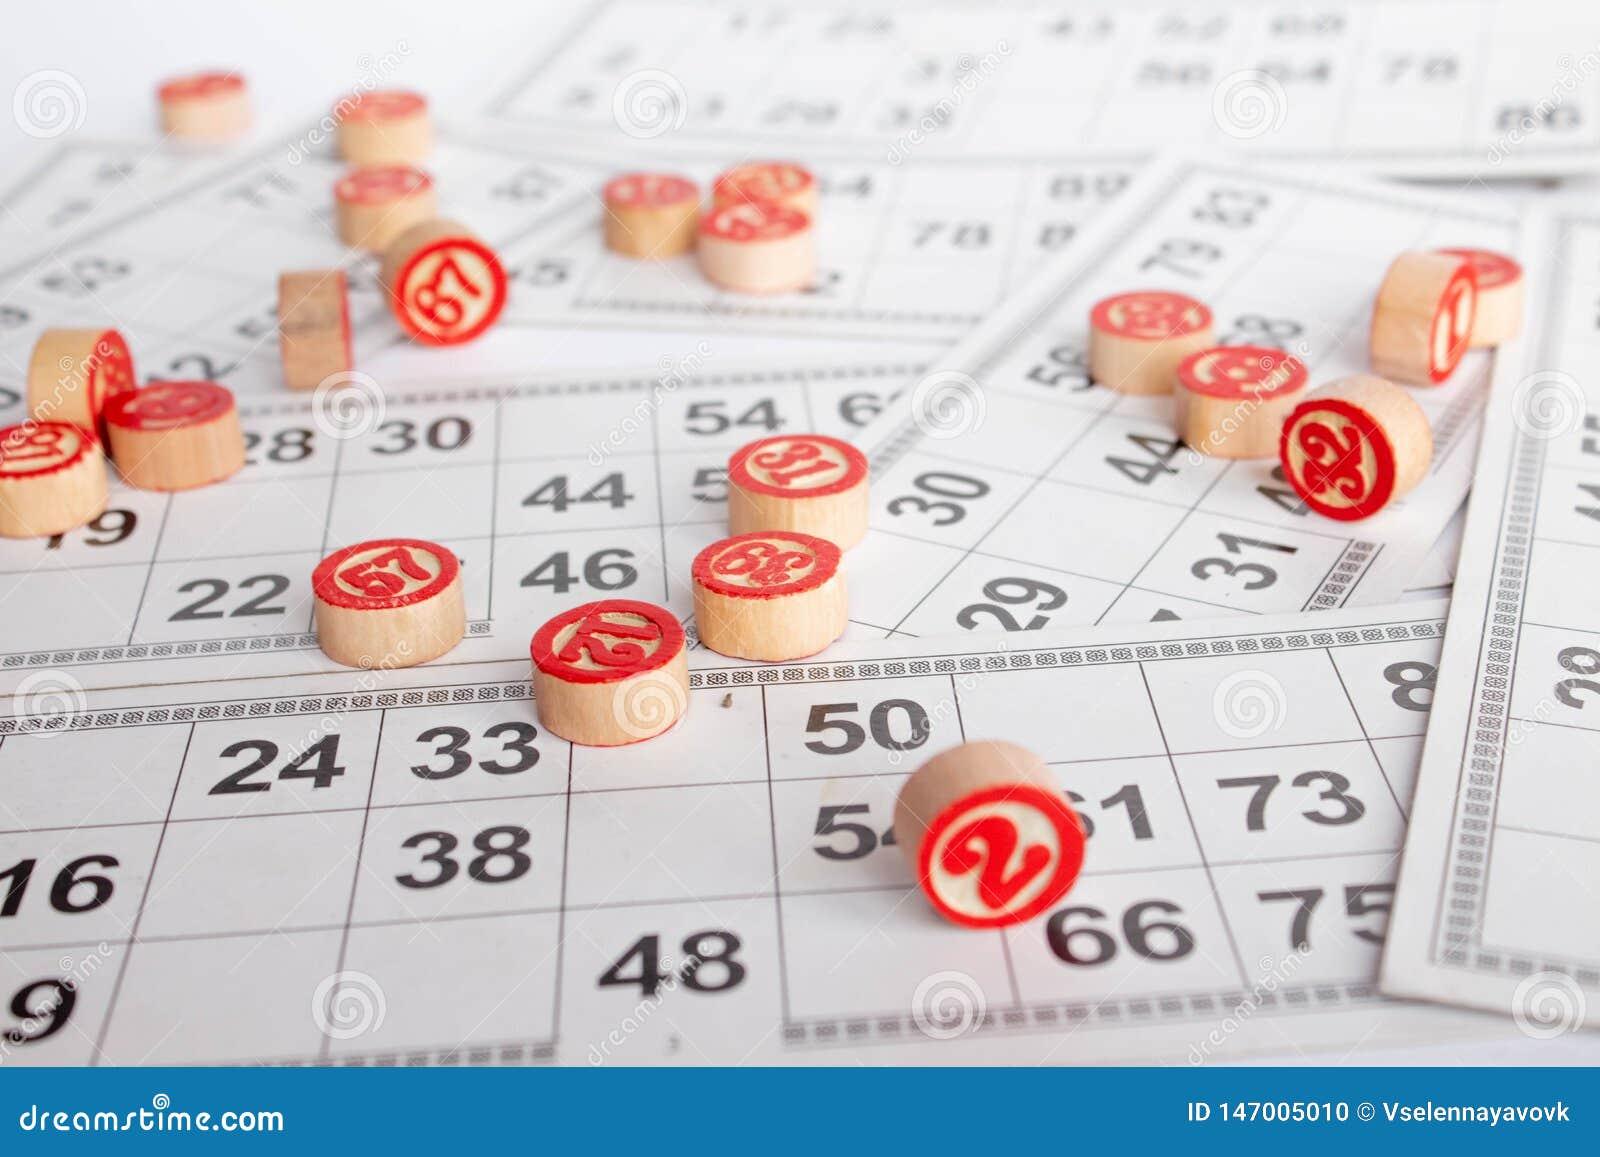 Bingo Online Spielen Lotto